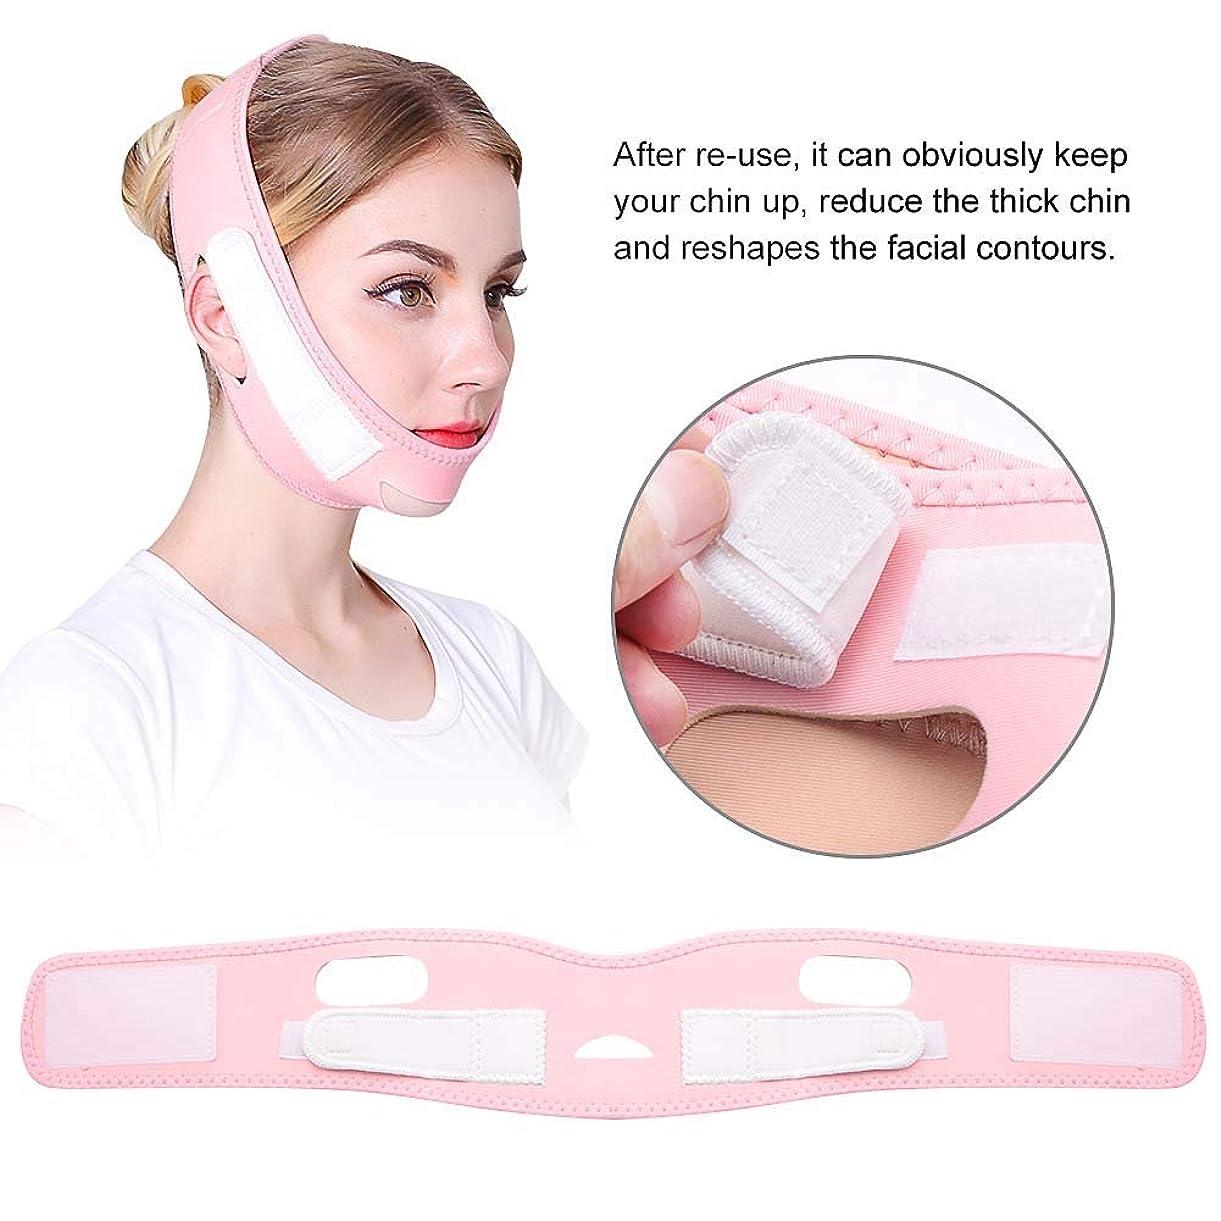 深さブレス重荷フェイス包帯 顎リフトフェイスリフティングアーティファクト包帯美容リフティングファーミングサイズVフェイス